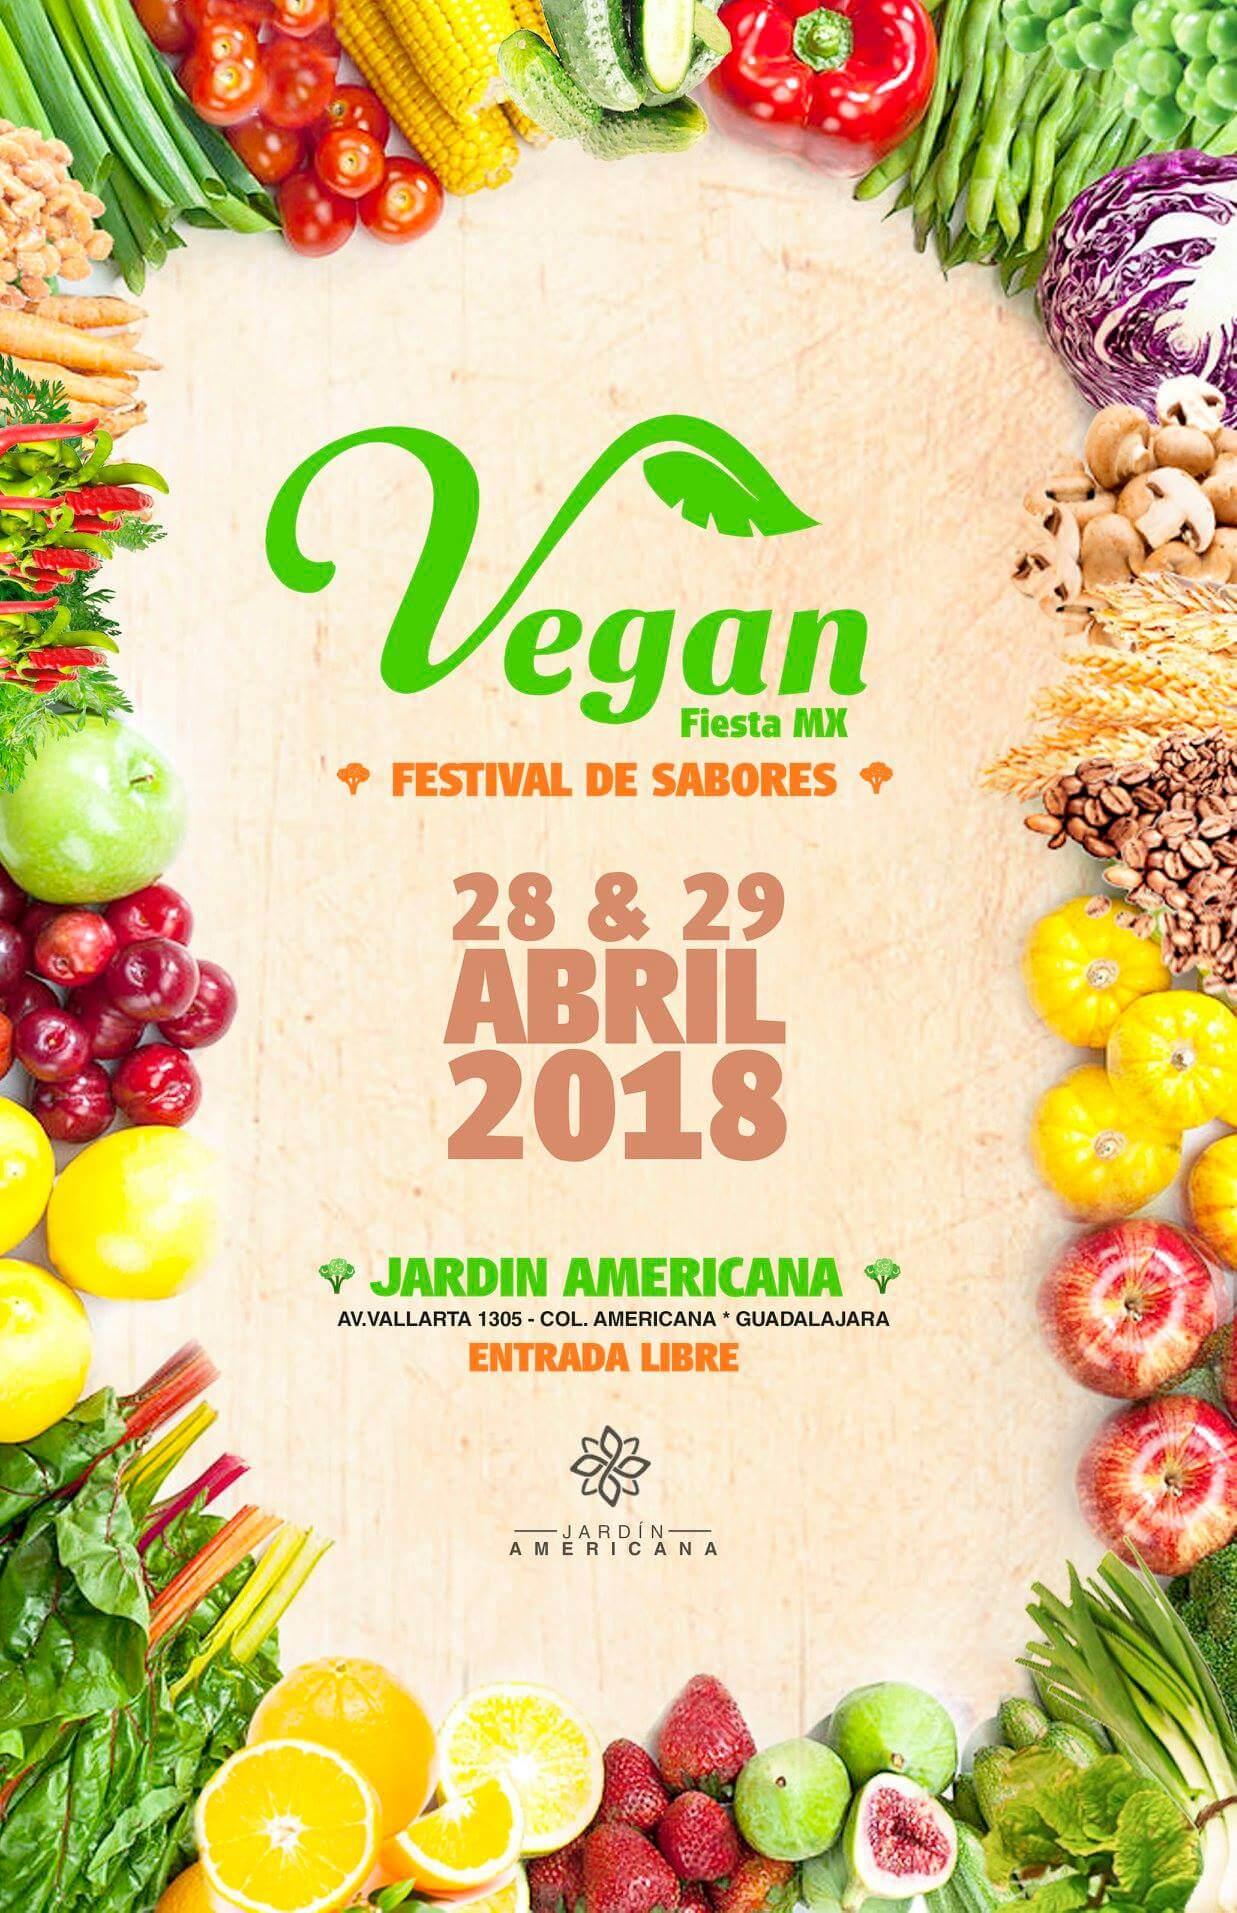 Vegan Fiesta Mx, 28 y 29 de Abril en Jardín Americana